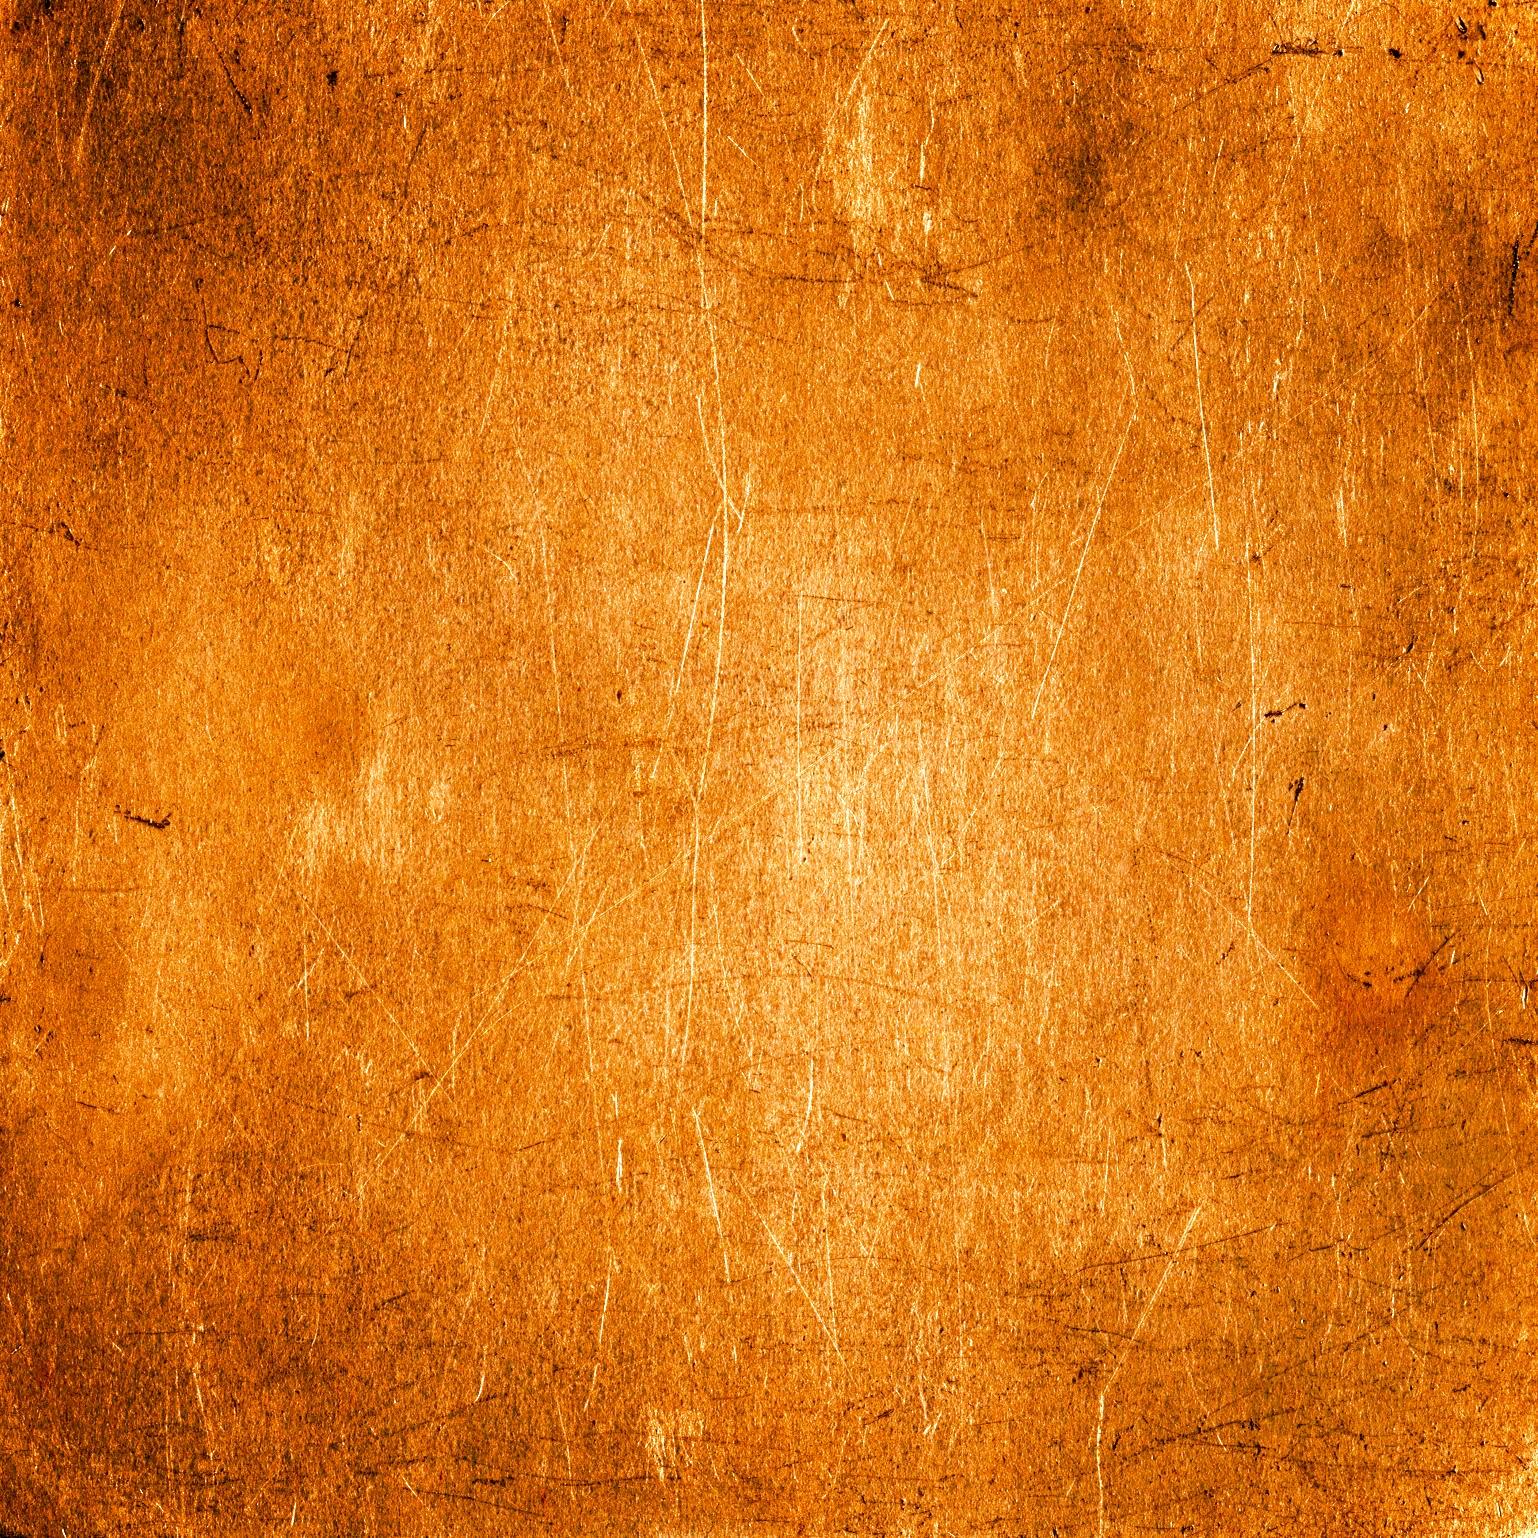 Textured wallpaper 2017 grasscloth wallpaper - Gold Texture